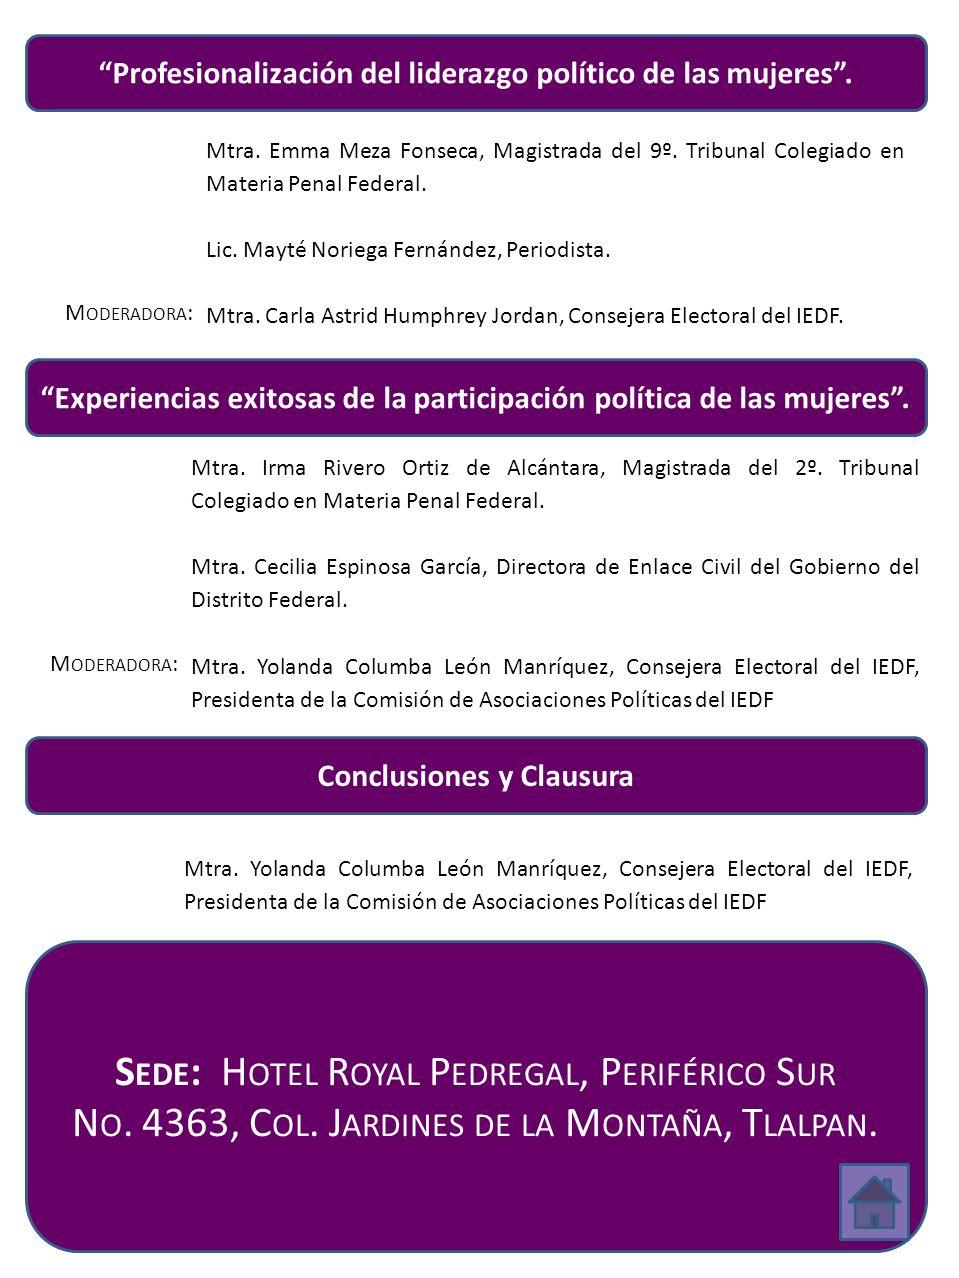 Profesionalización del liderazgo político de las mujeres. Mtra. Emma Meza Fonseca, Magistrada del 9º. Tribunal Colegiado en Materia Penal Federal. Lic